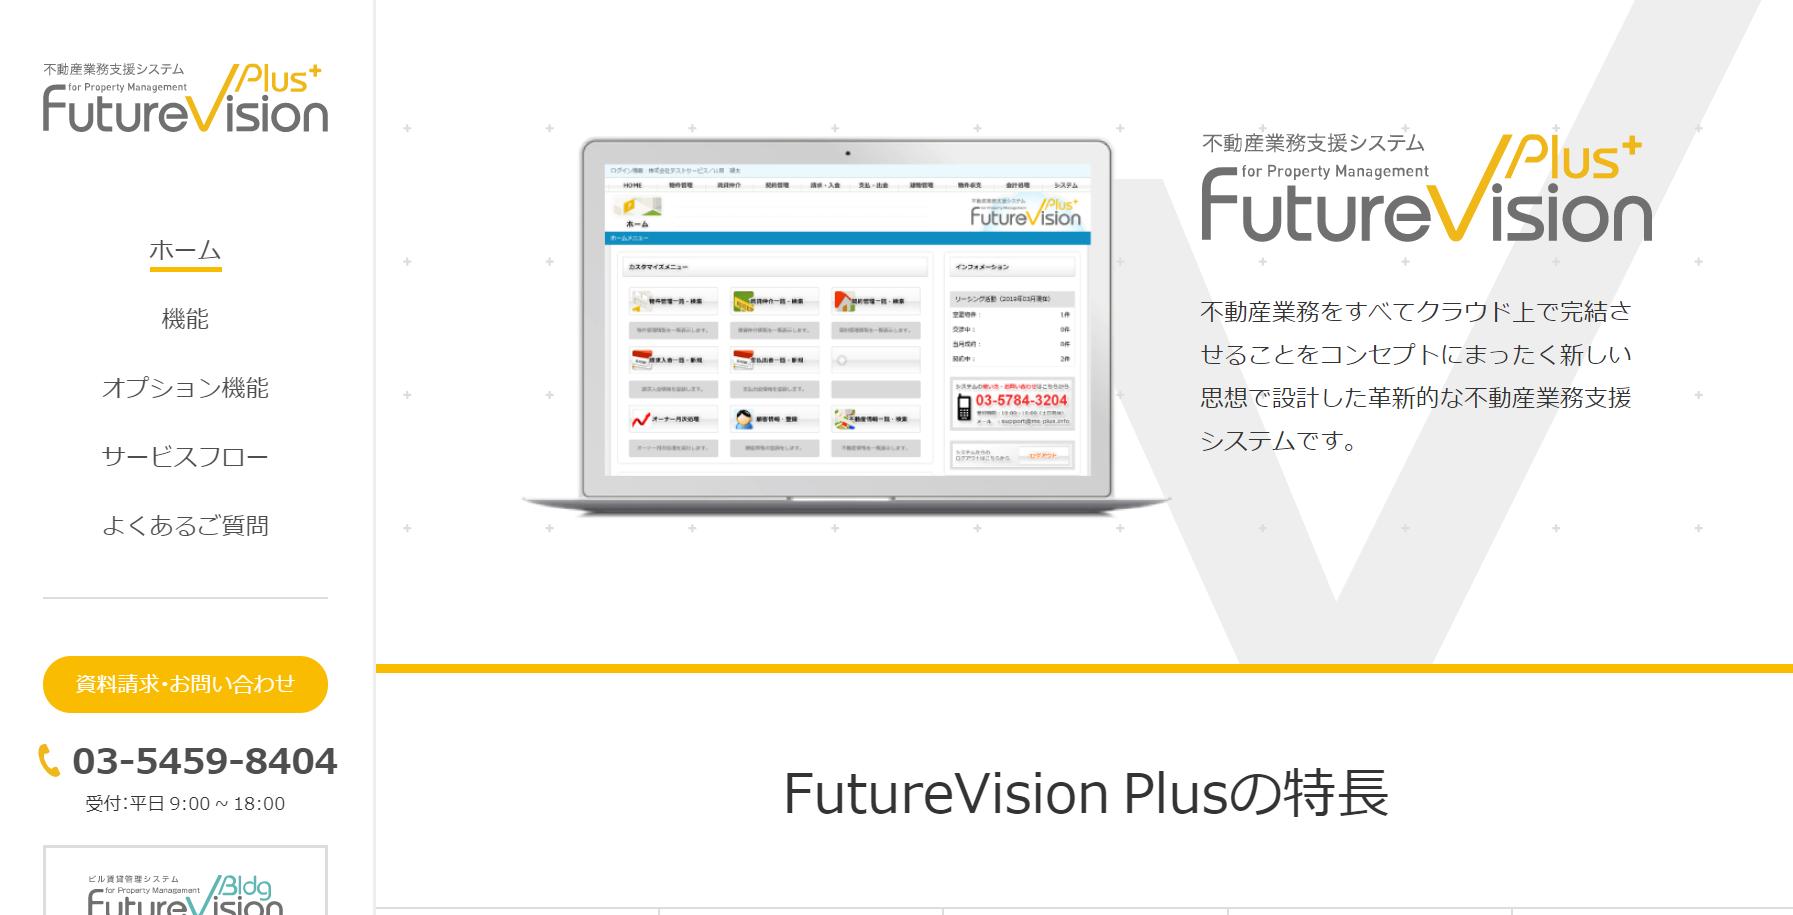 FutureVision Plus